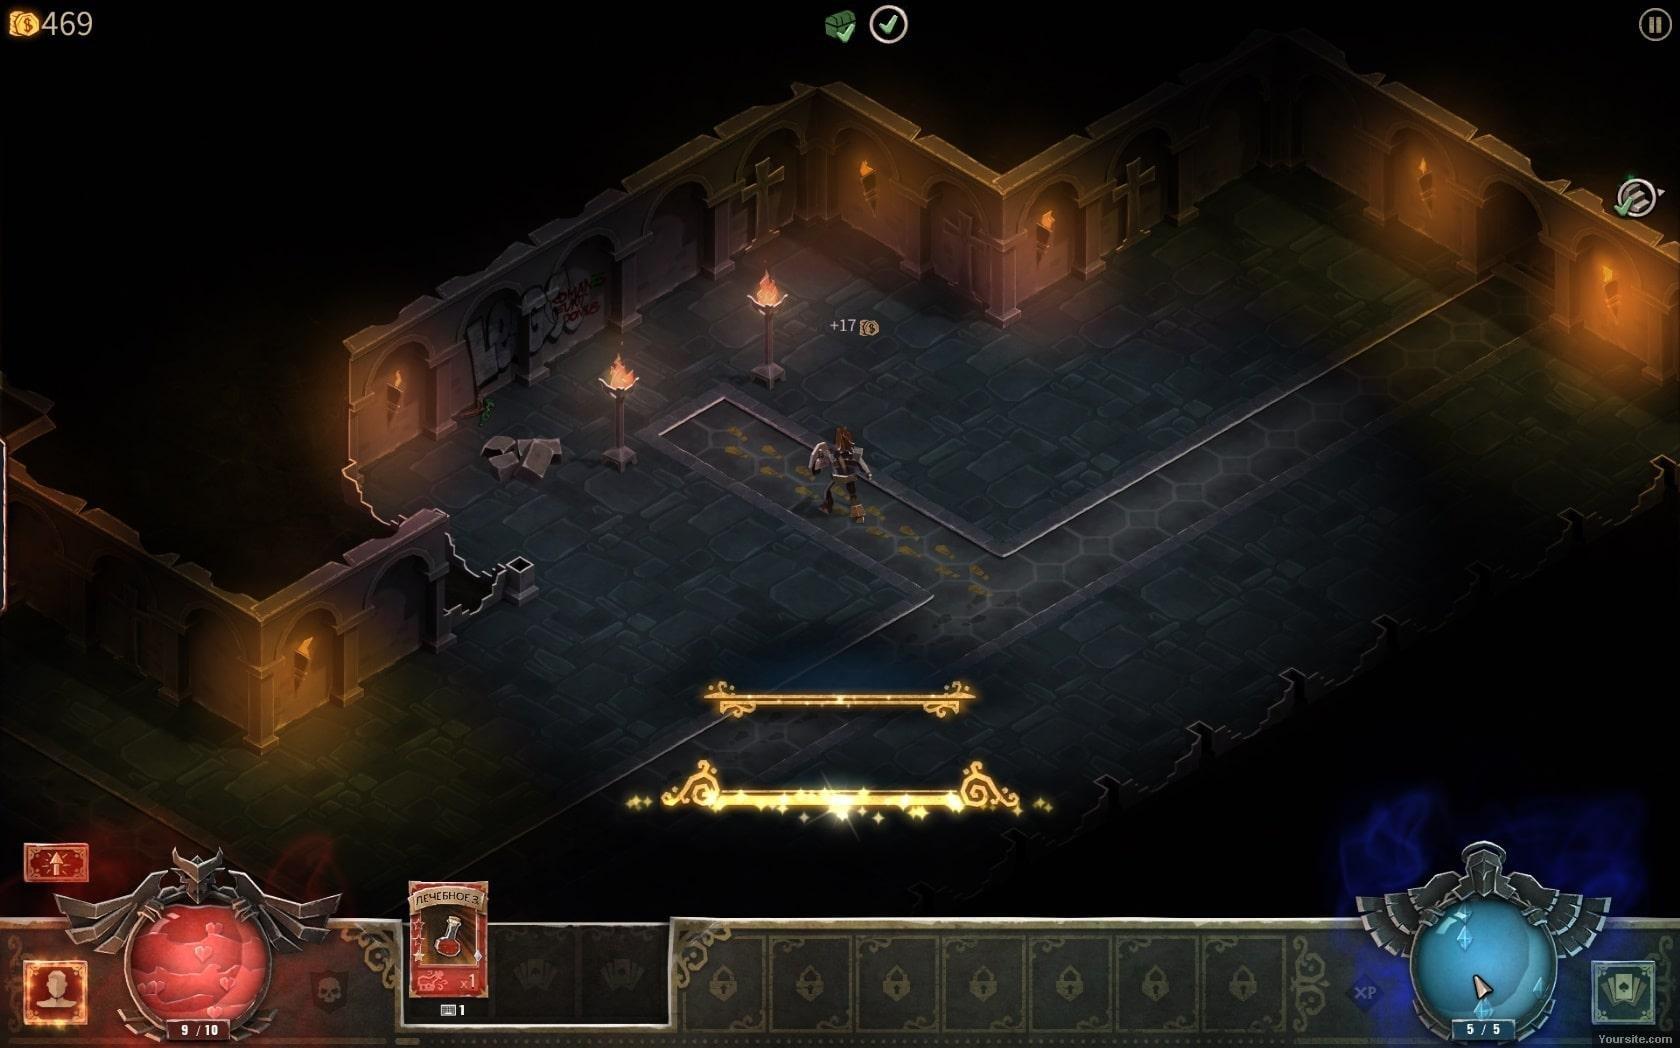 Скриншот к игре Book of Demons: Collector's Content v.1.04.22689 [GOG] (2018) скачать торрент Лицензия